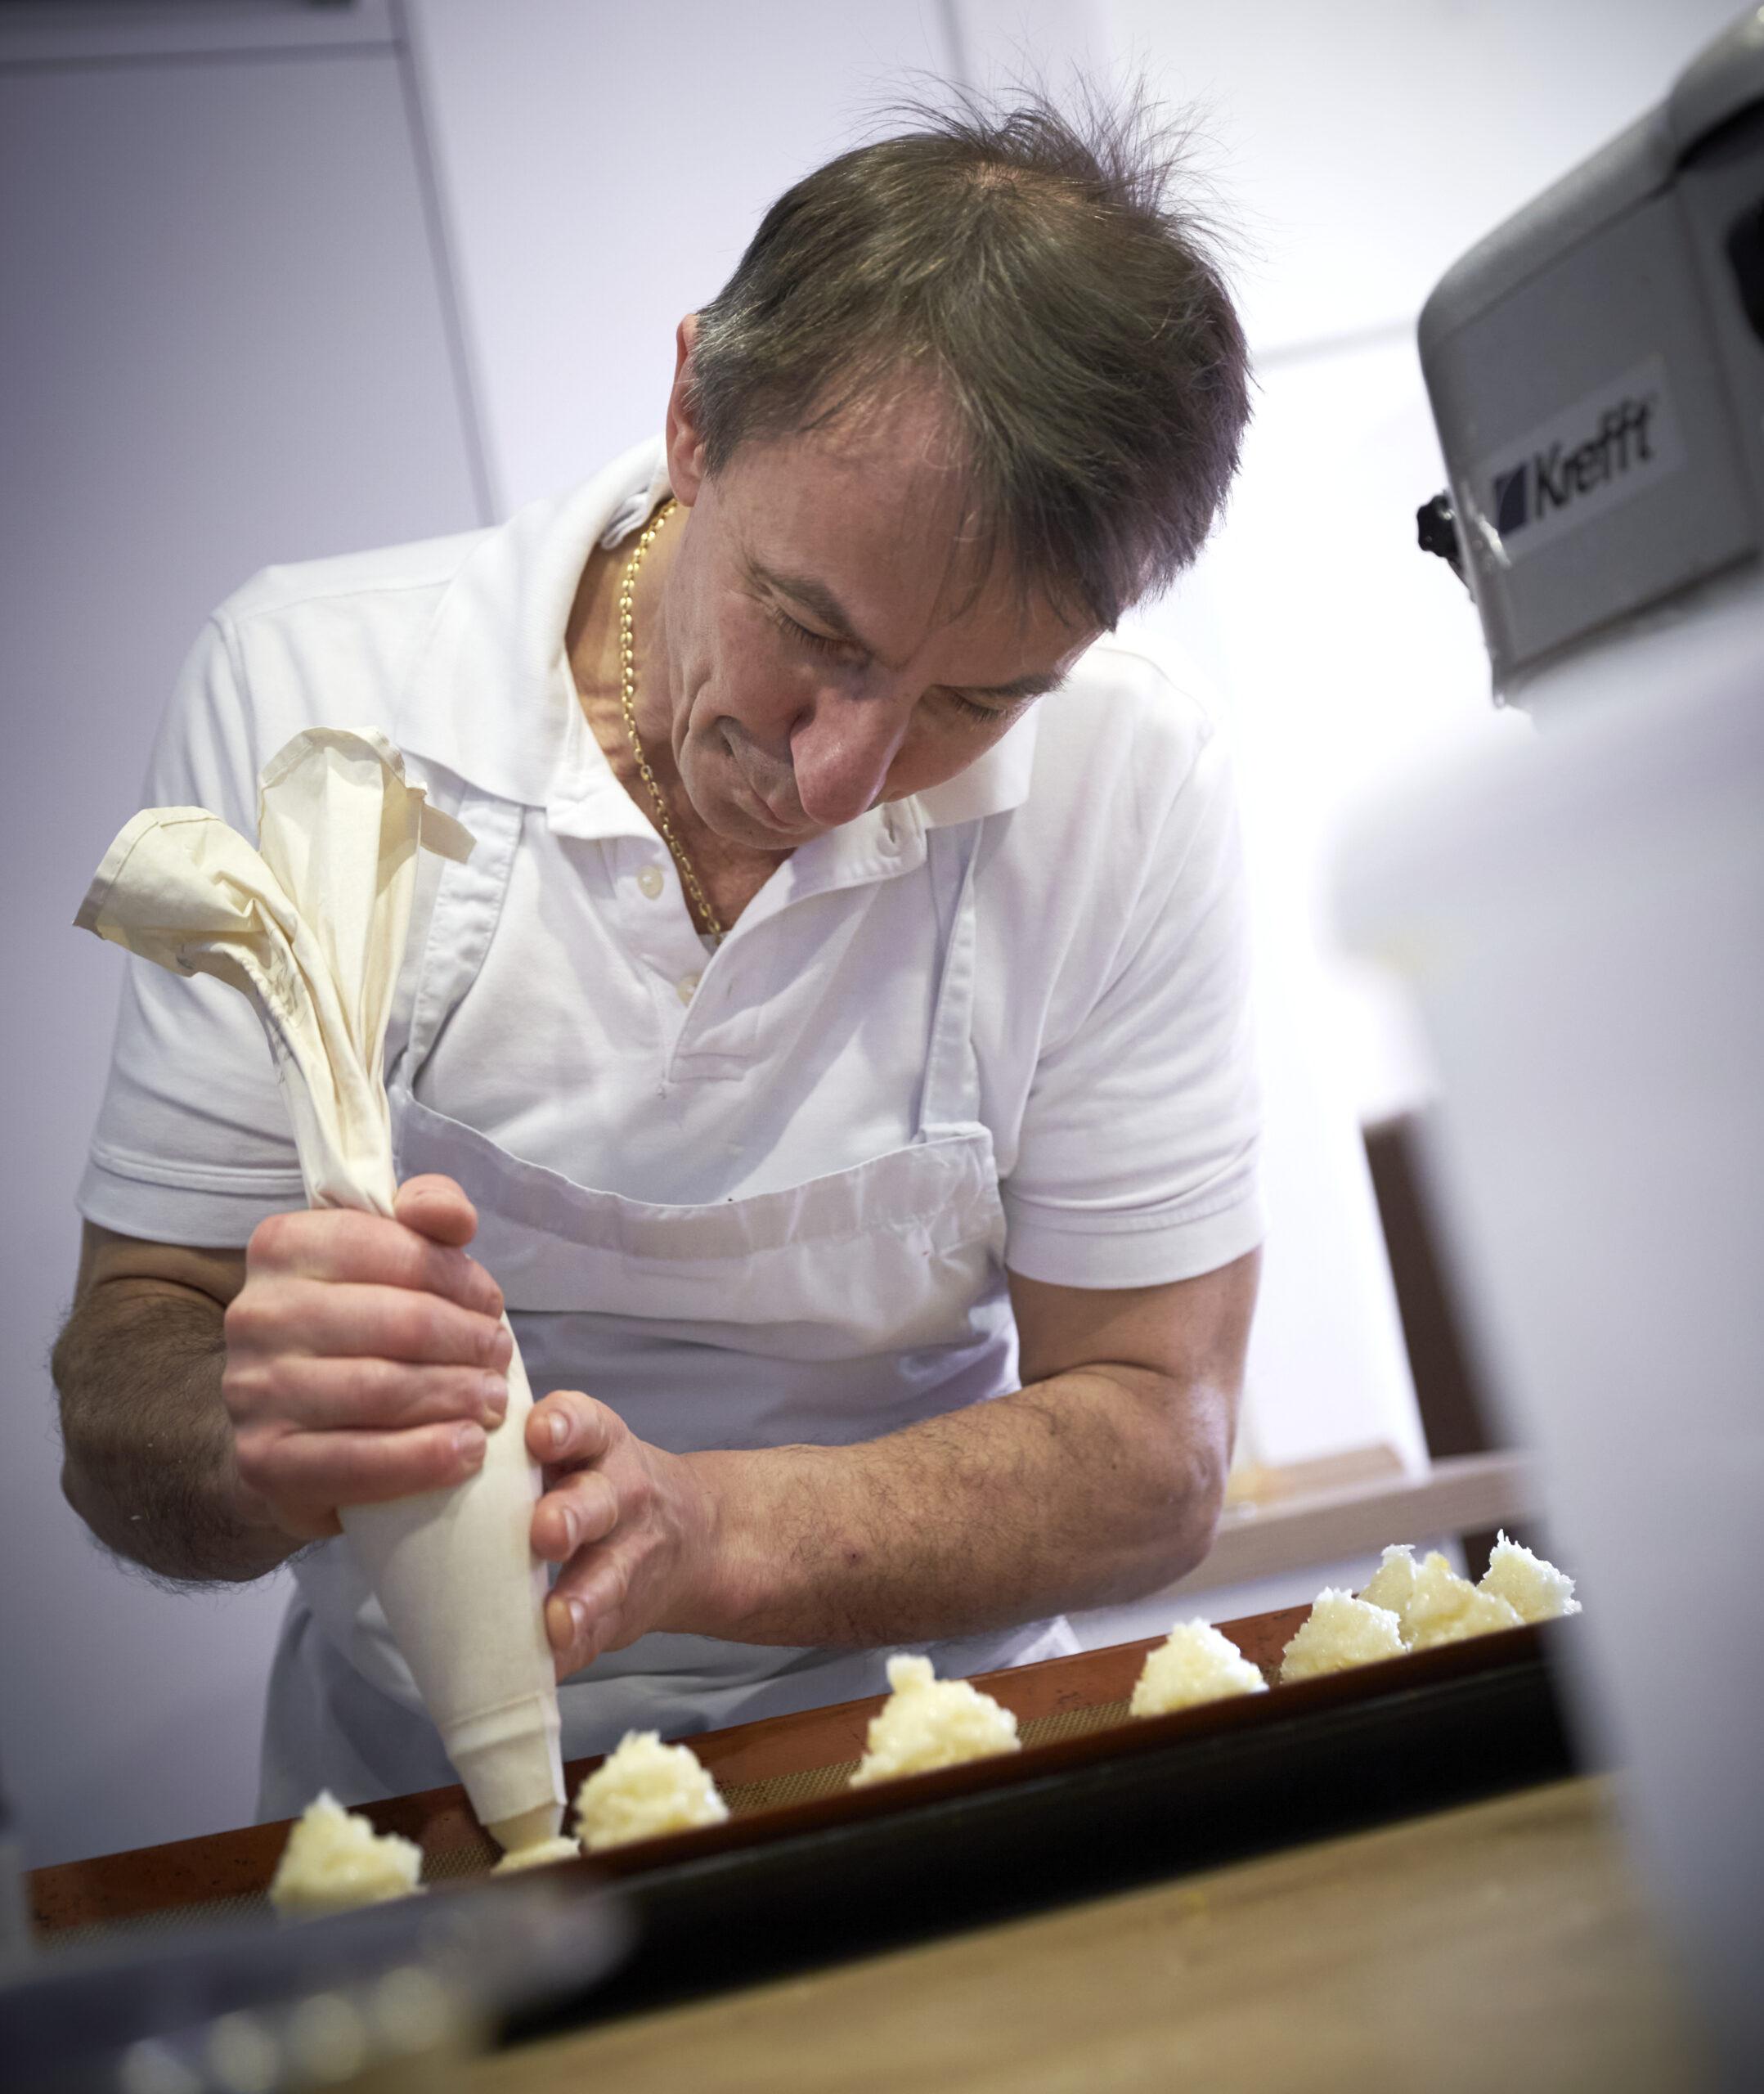 Café-Betreiber Bernhard Diers aus Verden lässt sich einiges für das vegane Frühstück einfallen.